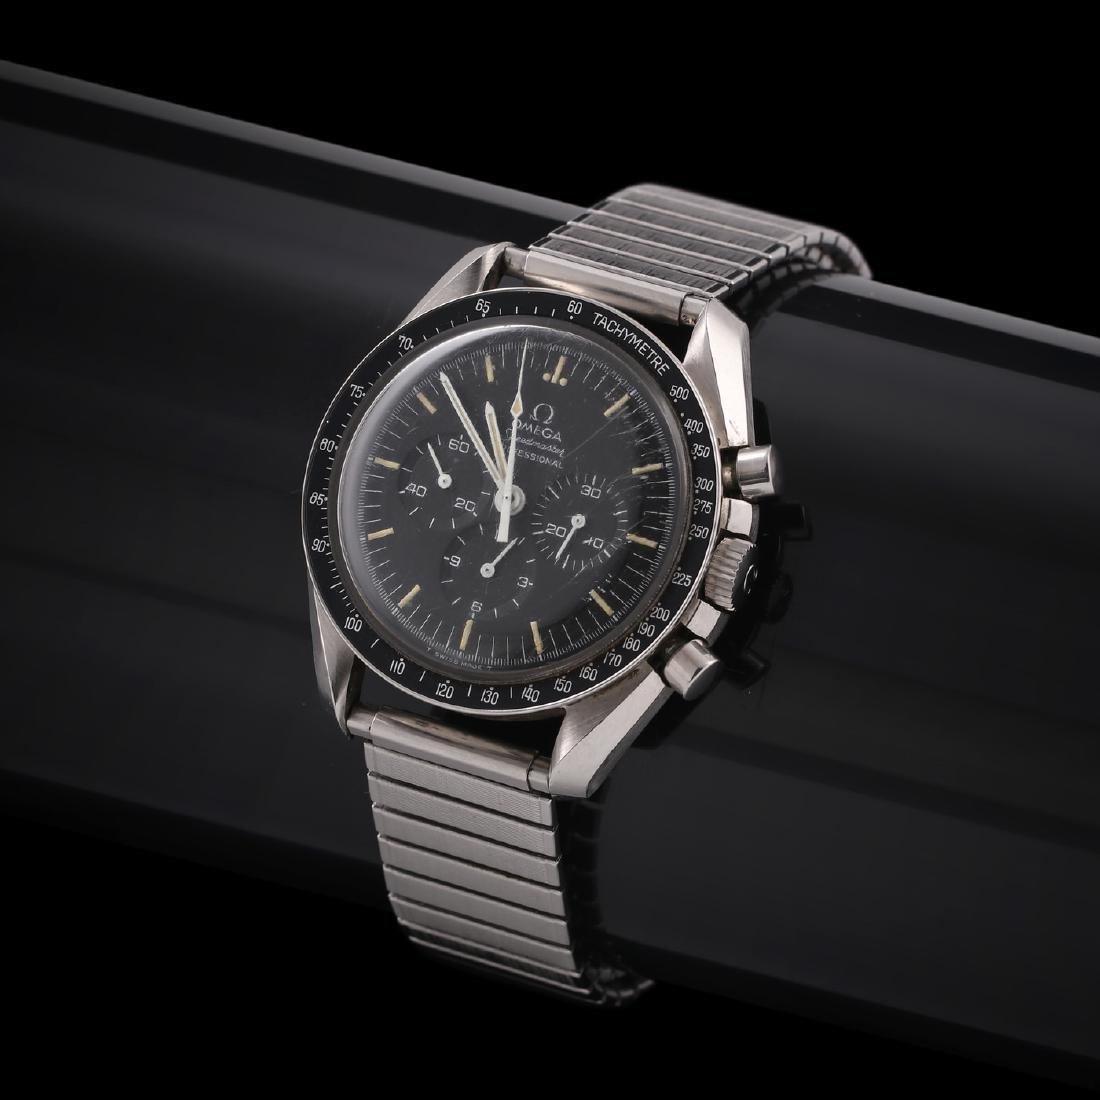 Omega Speedmaster 145.022.